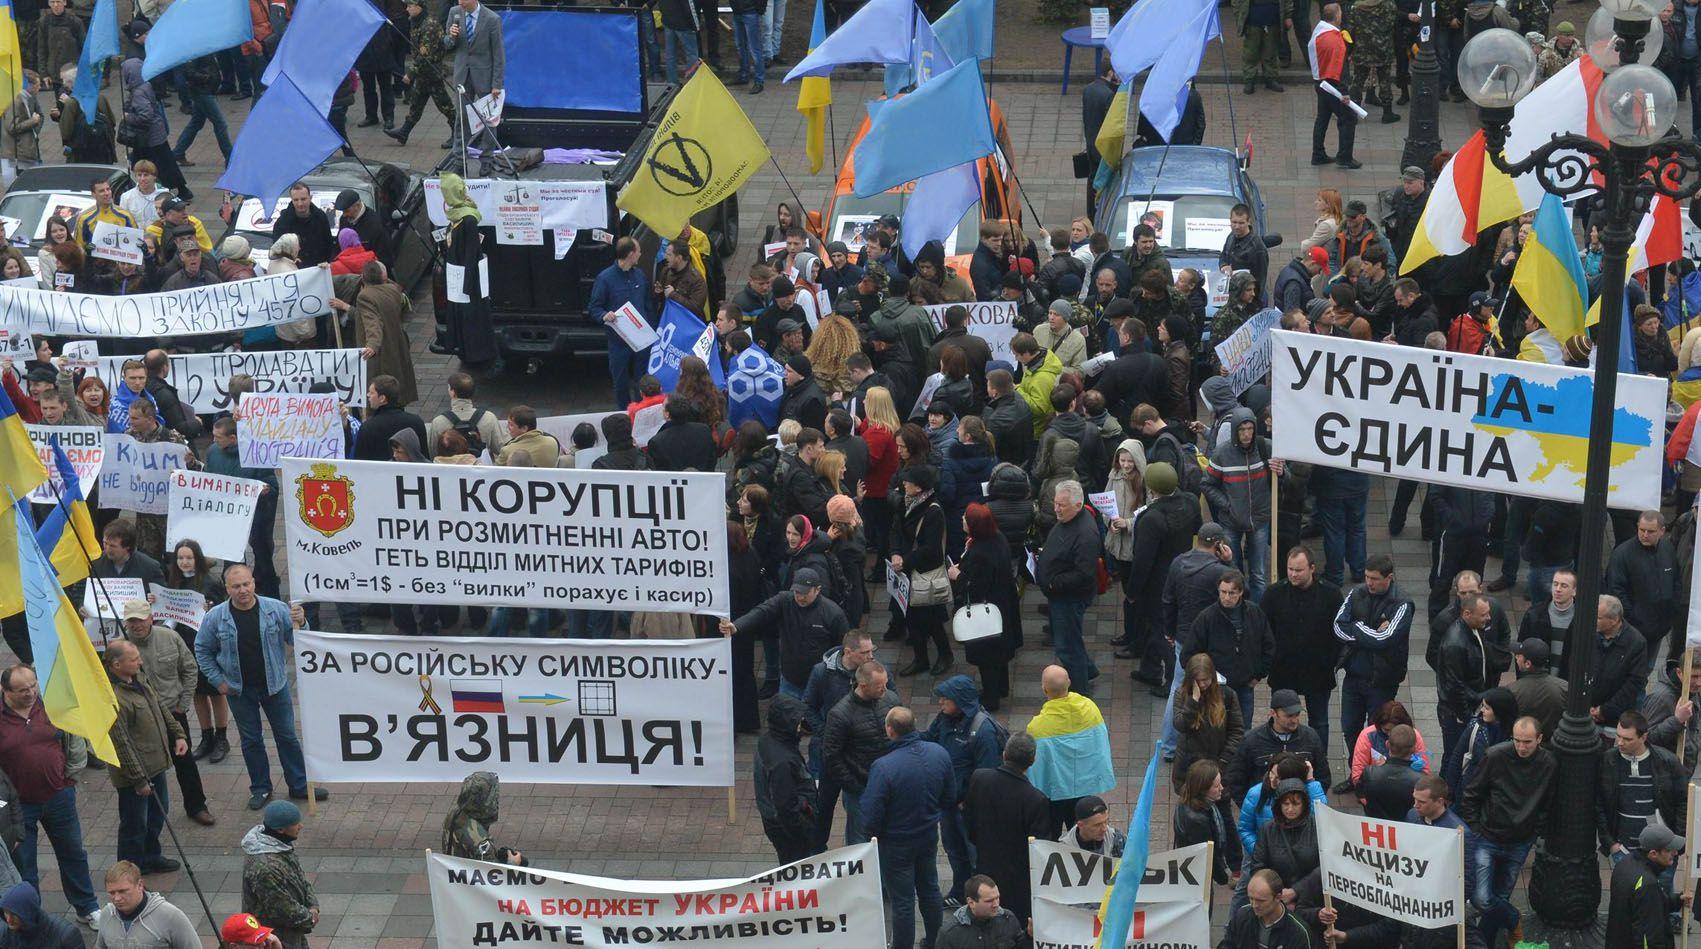 Найголовніше — зберегти незалежність  і територіальну цілісність України